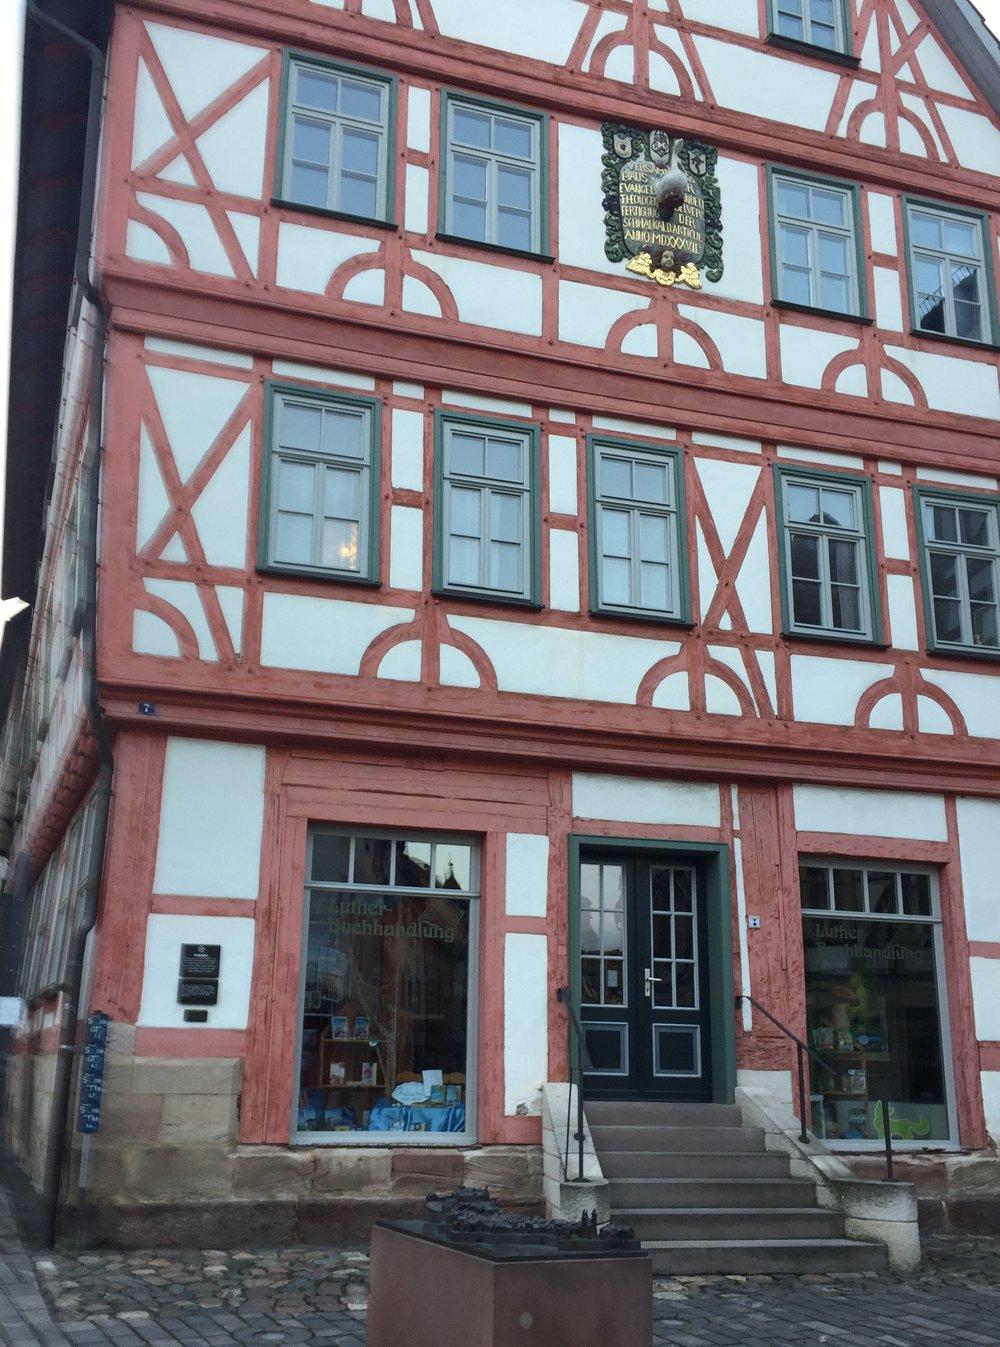 Etterhvert kom jeg meg til Schmalkalden. Her er huset hvor Martin Luther en gang bodde.